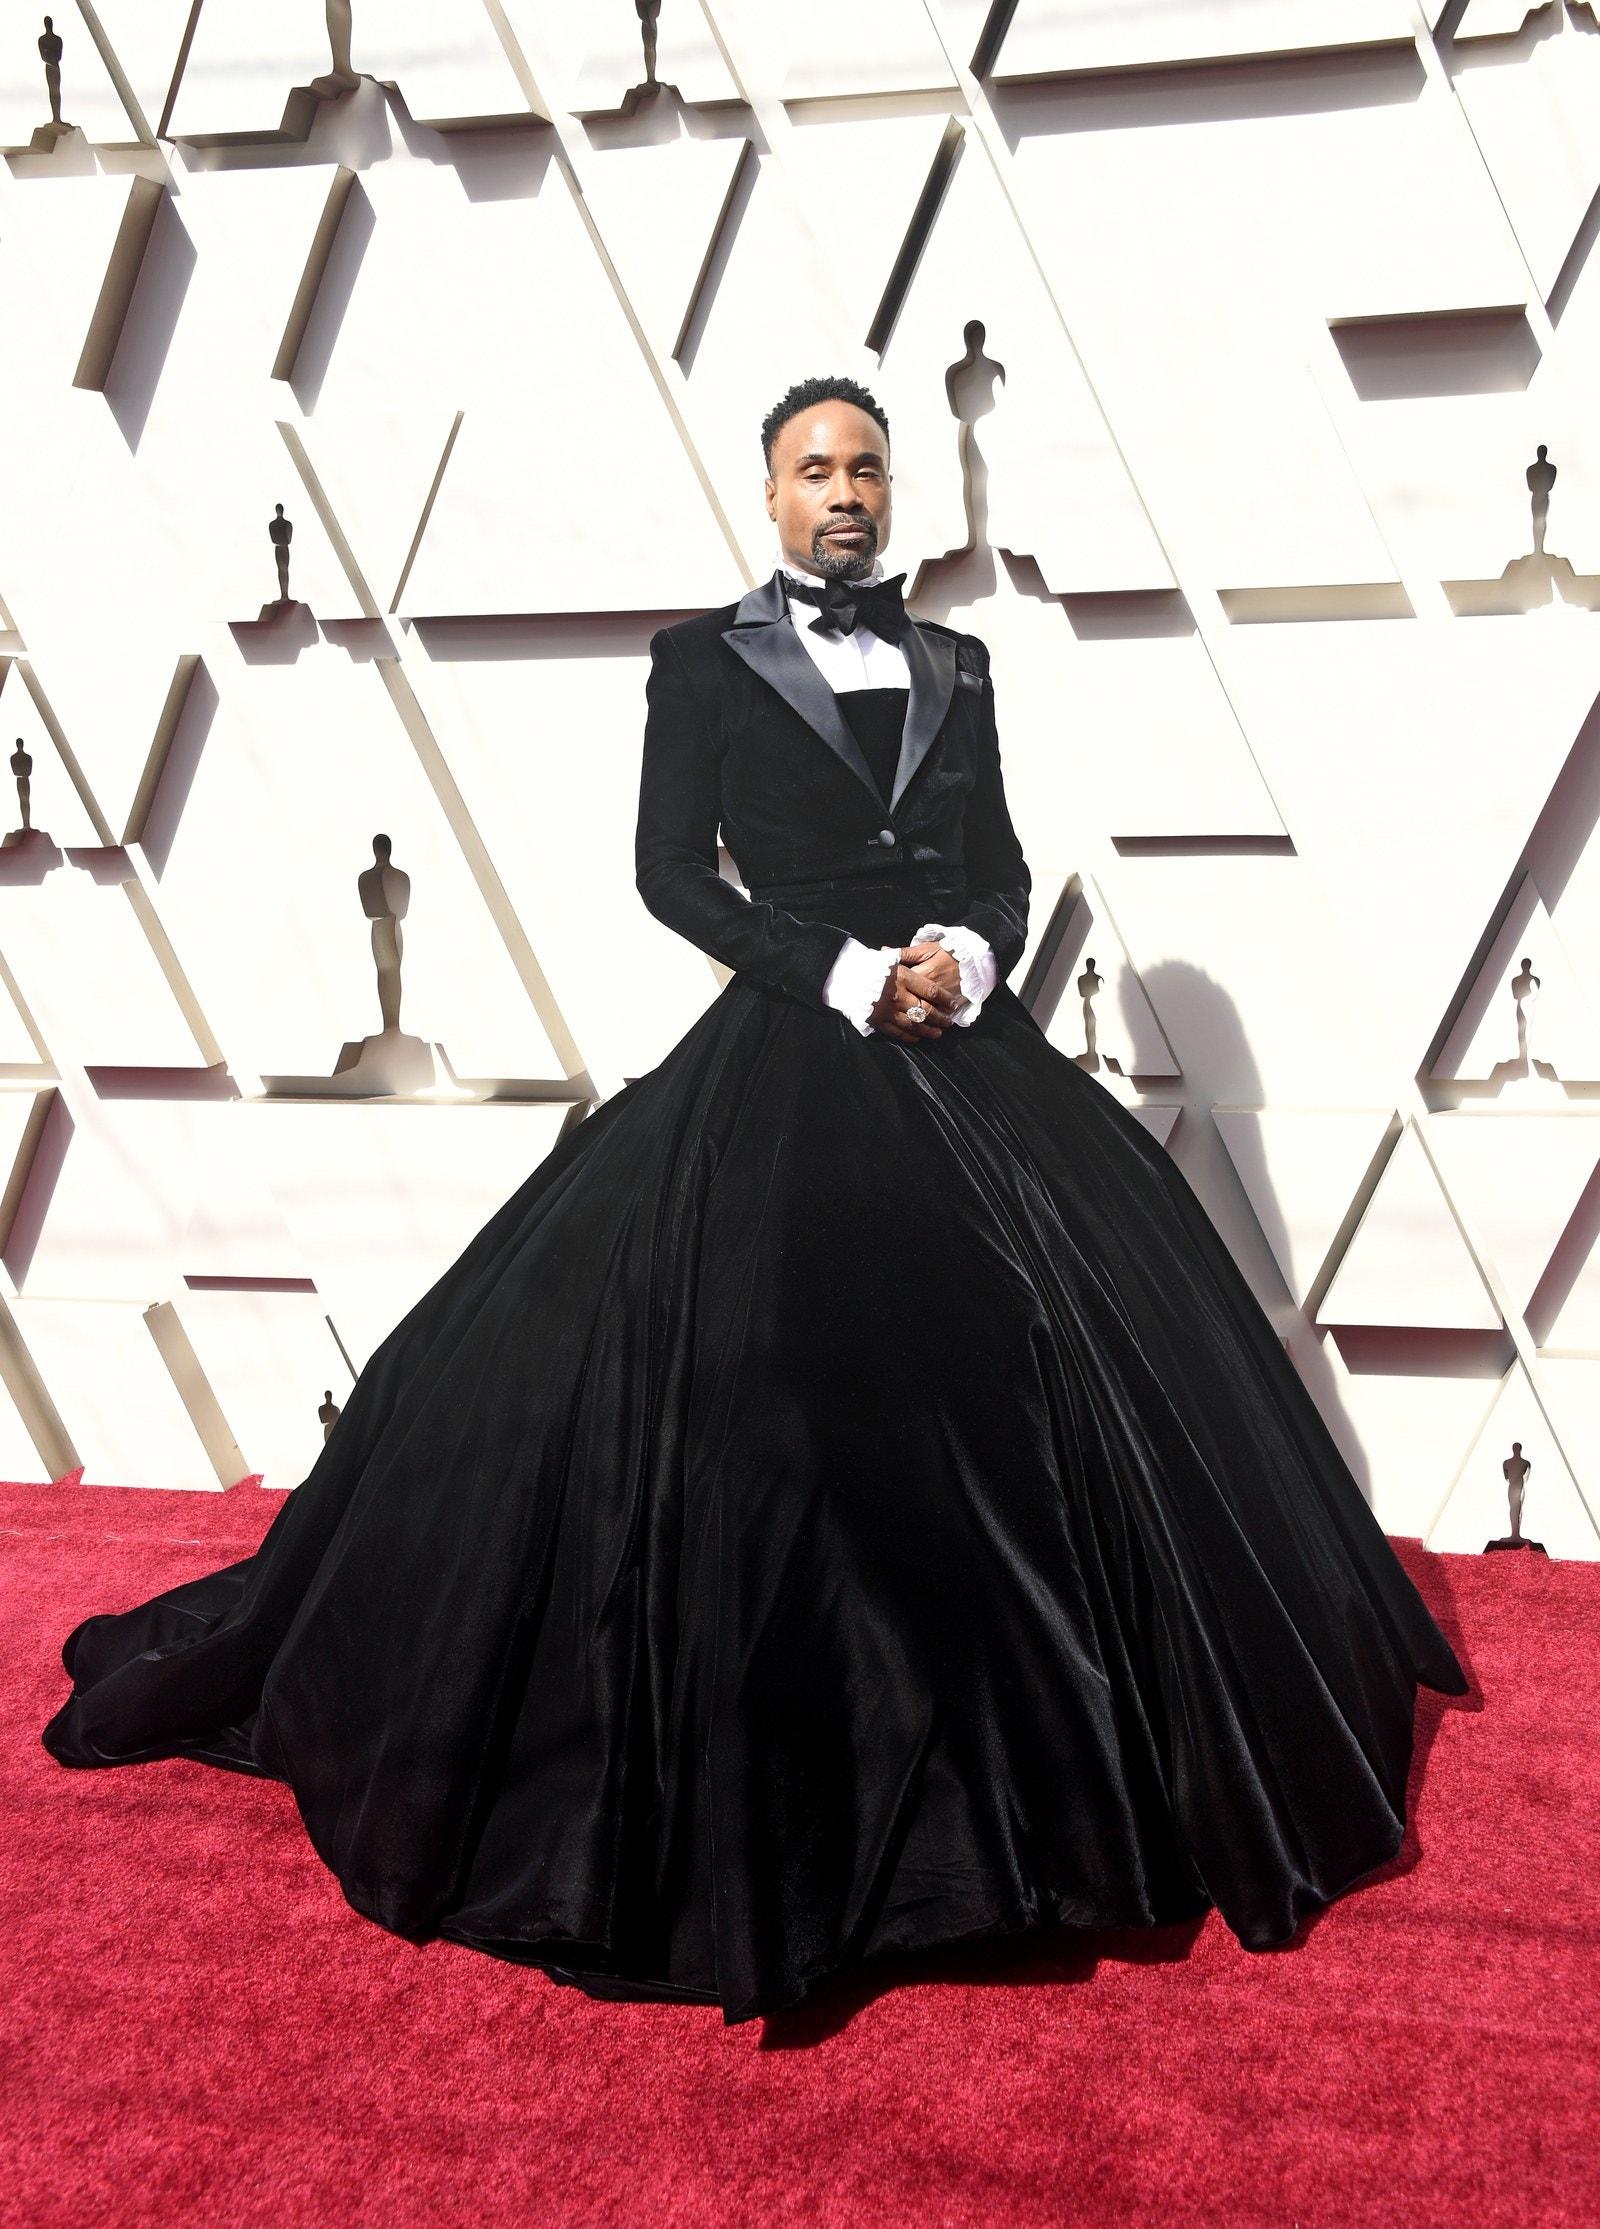 Billy Porter đã đánh cắp sự chú ý khi anh tham dự Oscar 2019 trong một chiếc váy bóng tùy chỉnh, không phải là một bộ tuxedo, bởi Christian Siriano. Tôi luôn luôn muốn mặc một chiếc váy bóng, tôi chỉ không biết khi nào, Port Porter nói với tạp chí Vogue. Tôi muốn mọi người hiểu rằng bạn không cần phải hiểu hoặc thậm chí đồng ý với những người khác về tính xác thực hoặc sự thật, nhưng tất cả chúng ta phải tôn trọng lẫn nhau. Mọi người sẽ thực sự khó chịu với cặp mông đen của tôi trong một chiếc áo choàng bóng, nhưng nó không phải là bất cứ ai kinh doanh mà là của tôi.